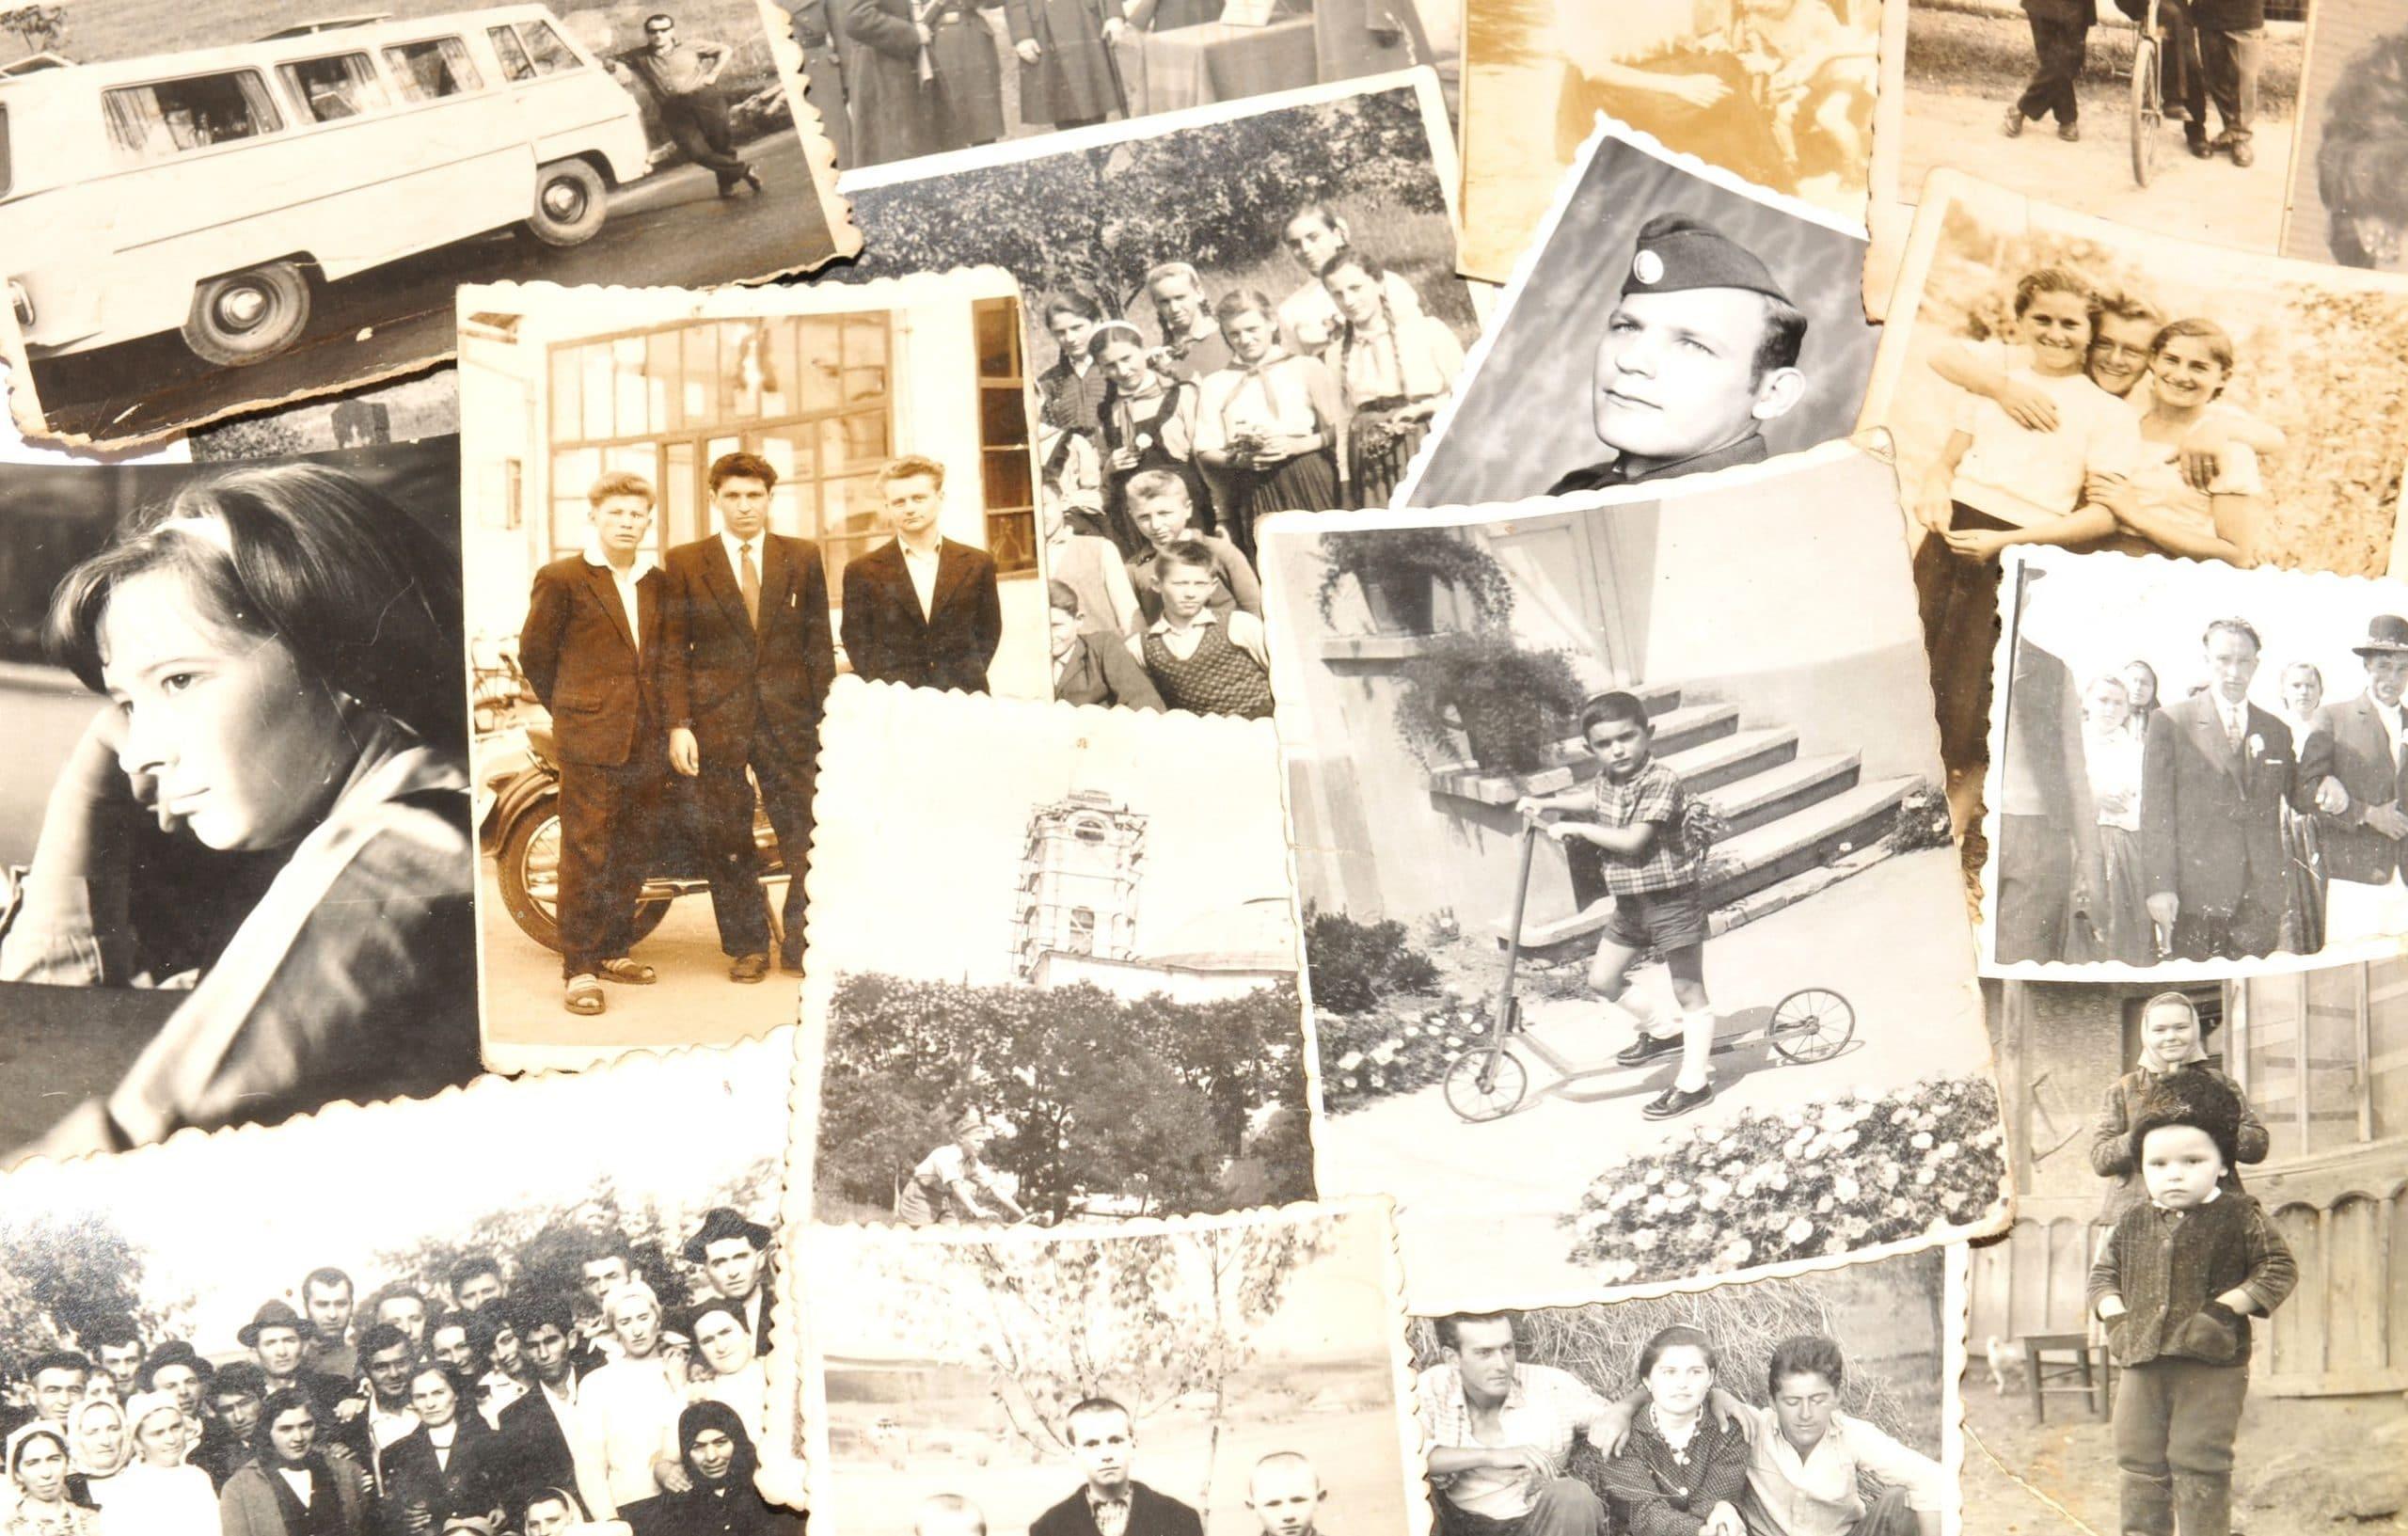 Fotos antigas. Sinônimo de lembranças, passado.